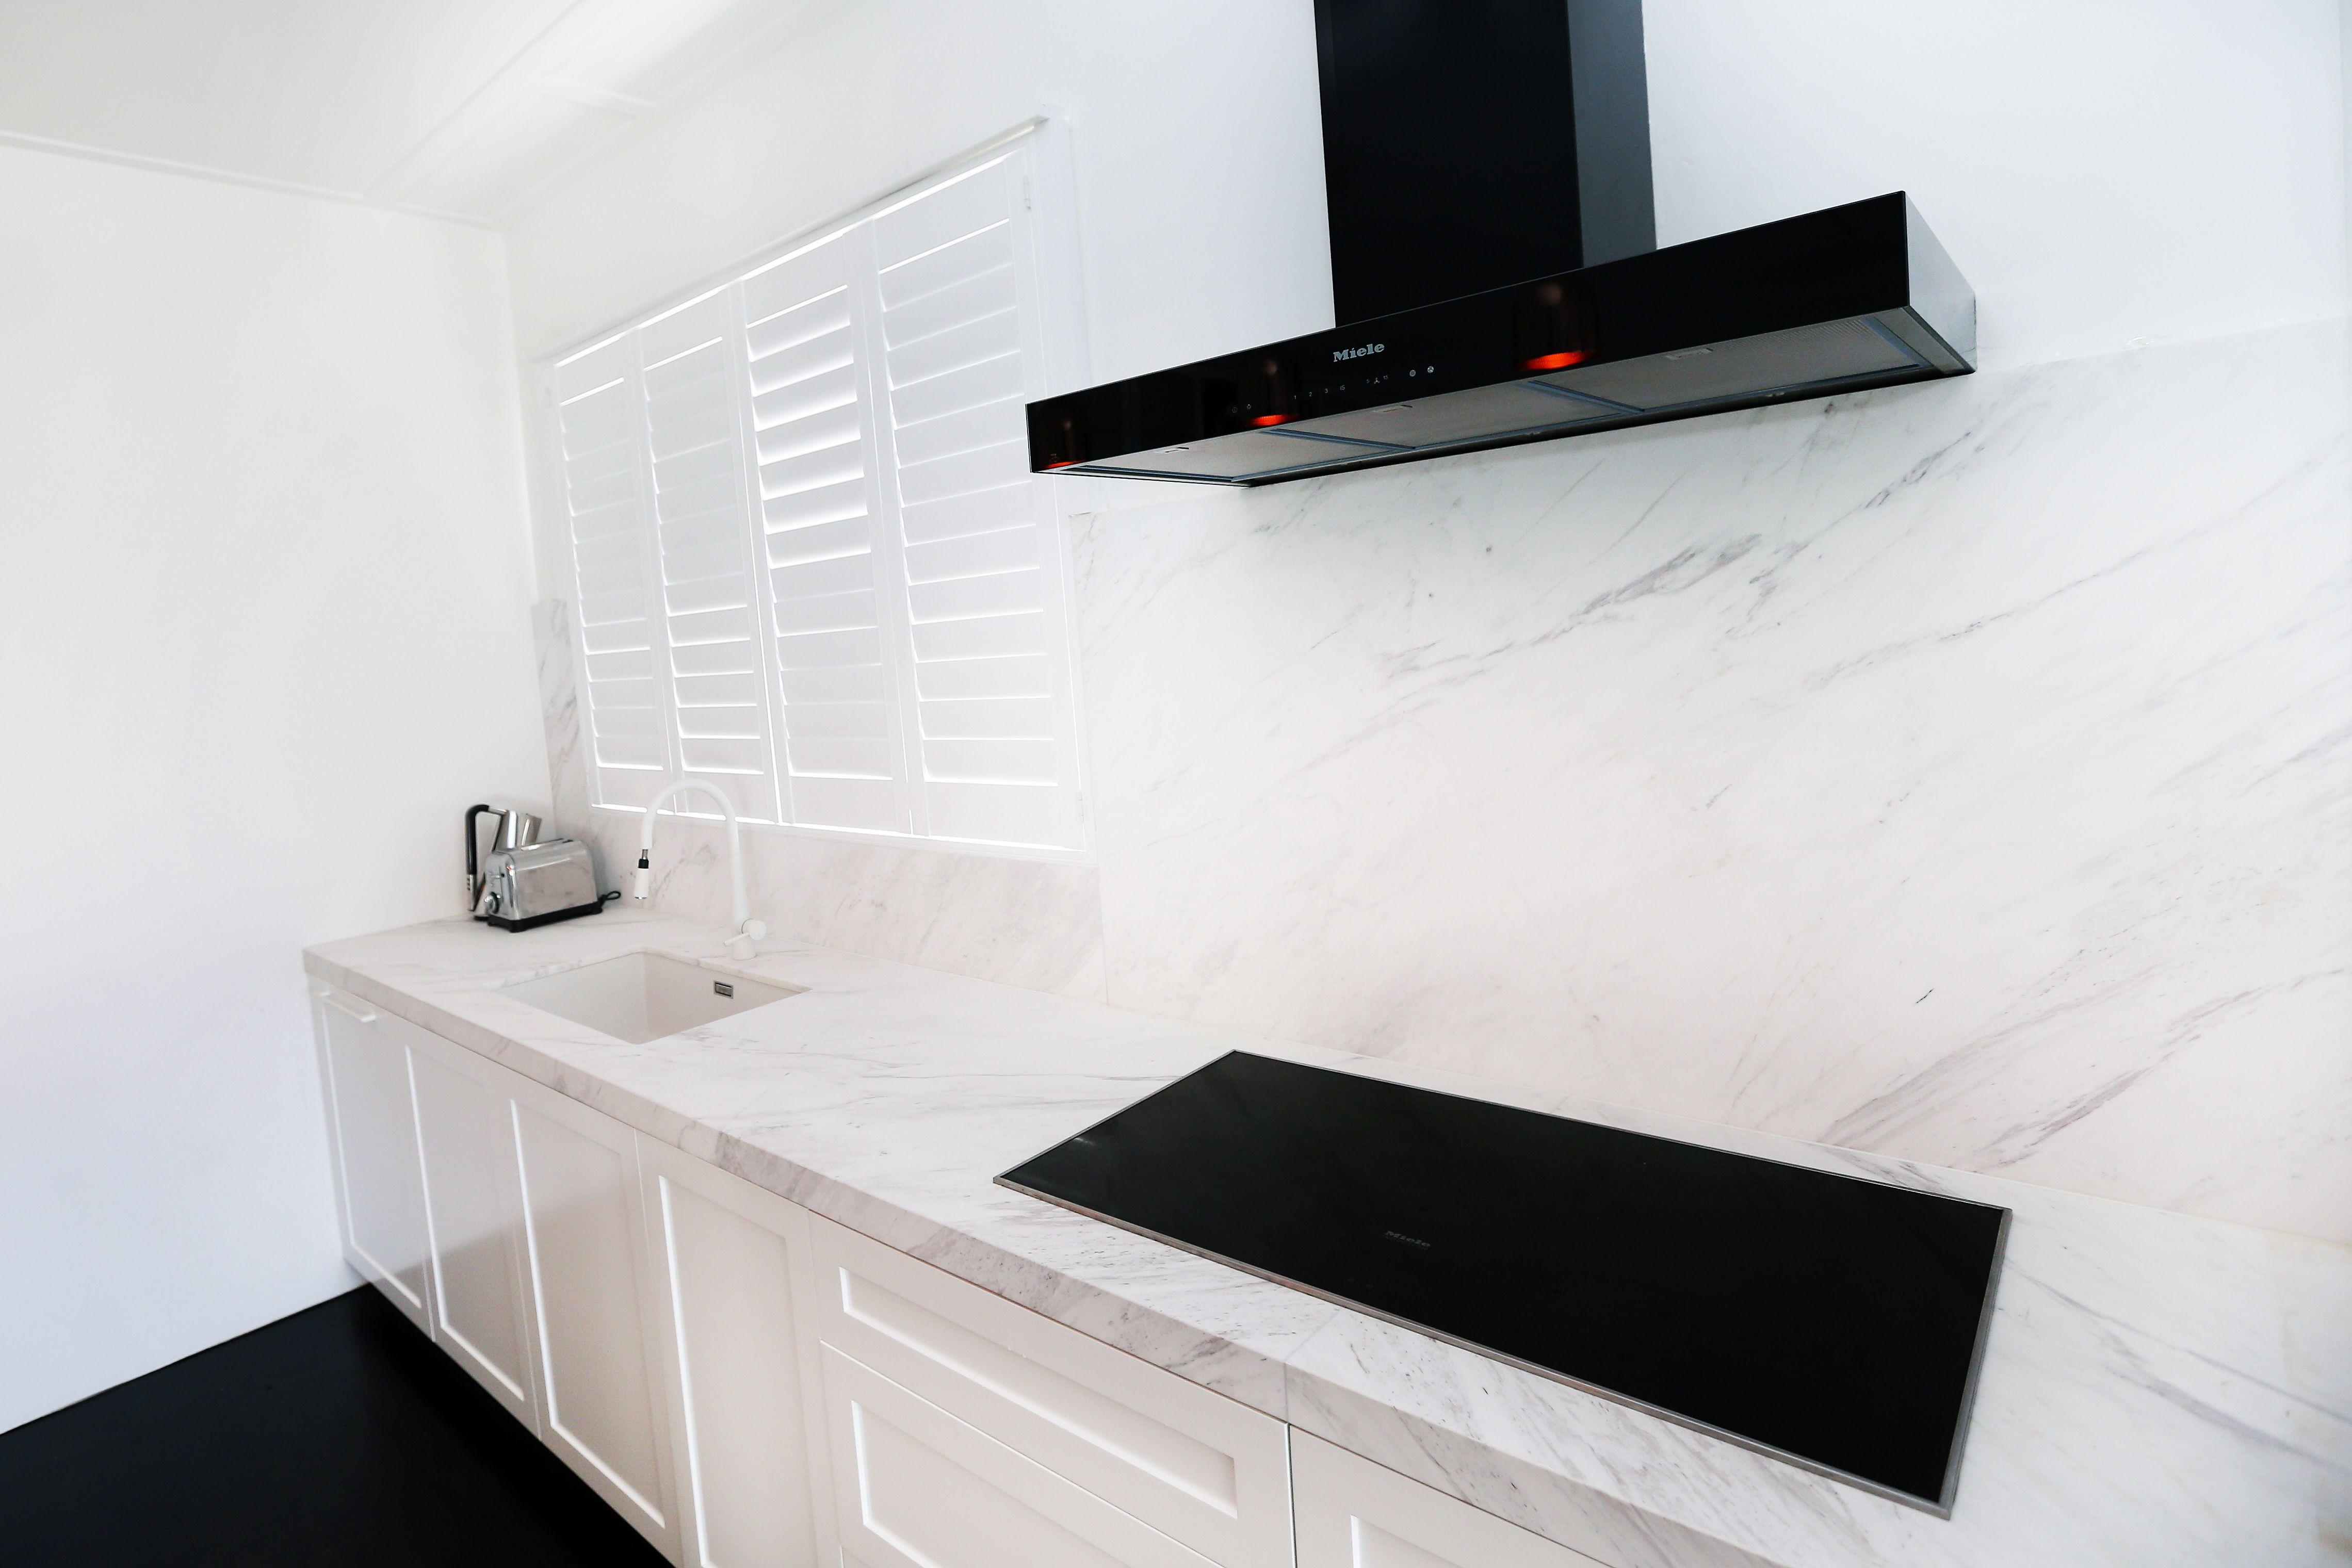 Ausgezeichnet Diy Küchentüren Perth Bilder - Küchen Design Ideen ...